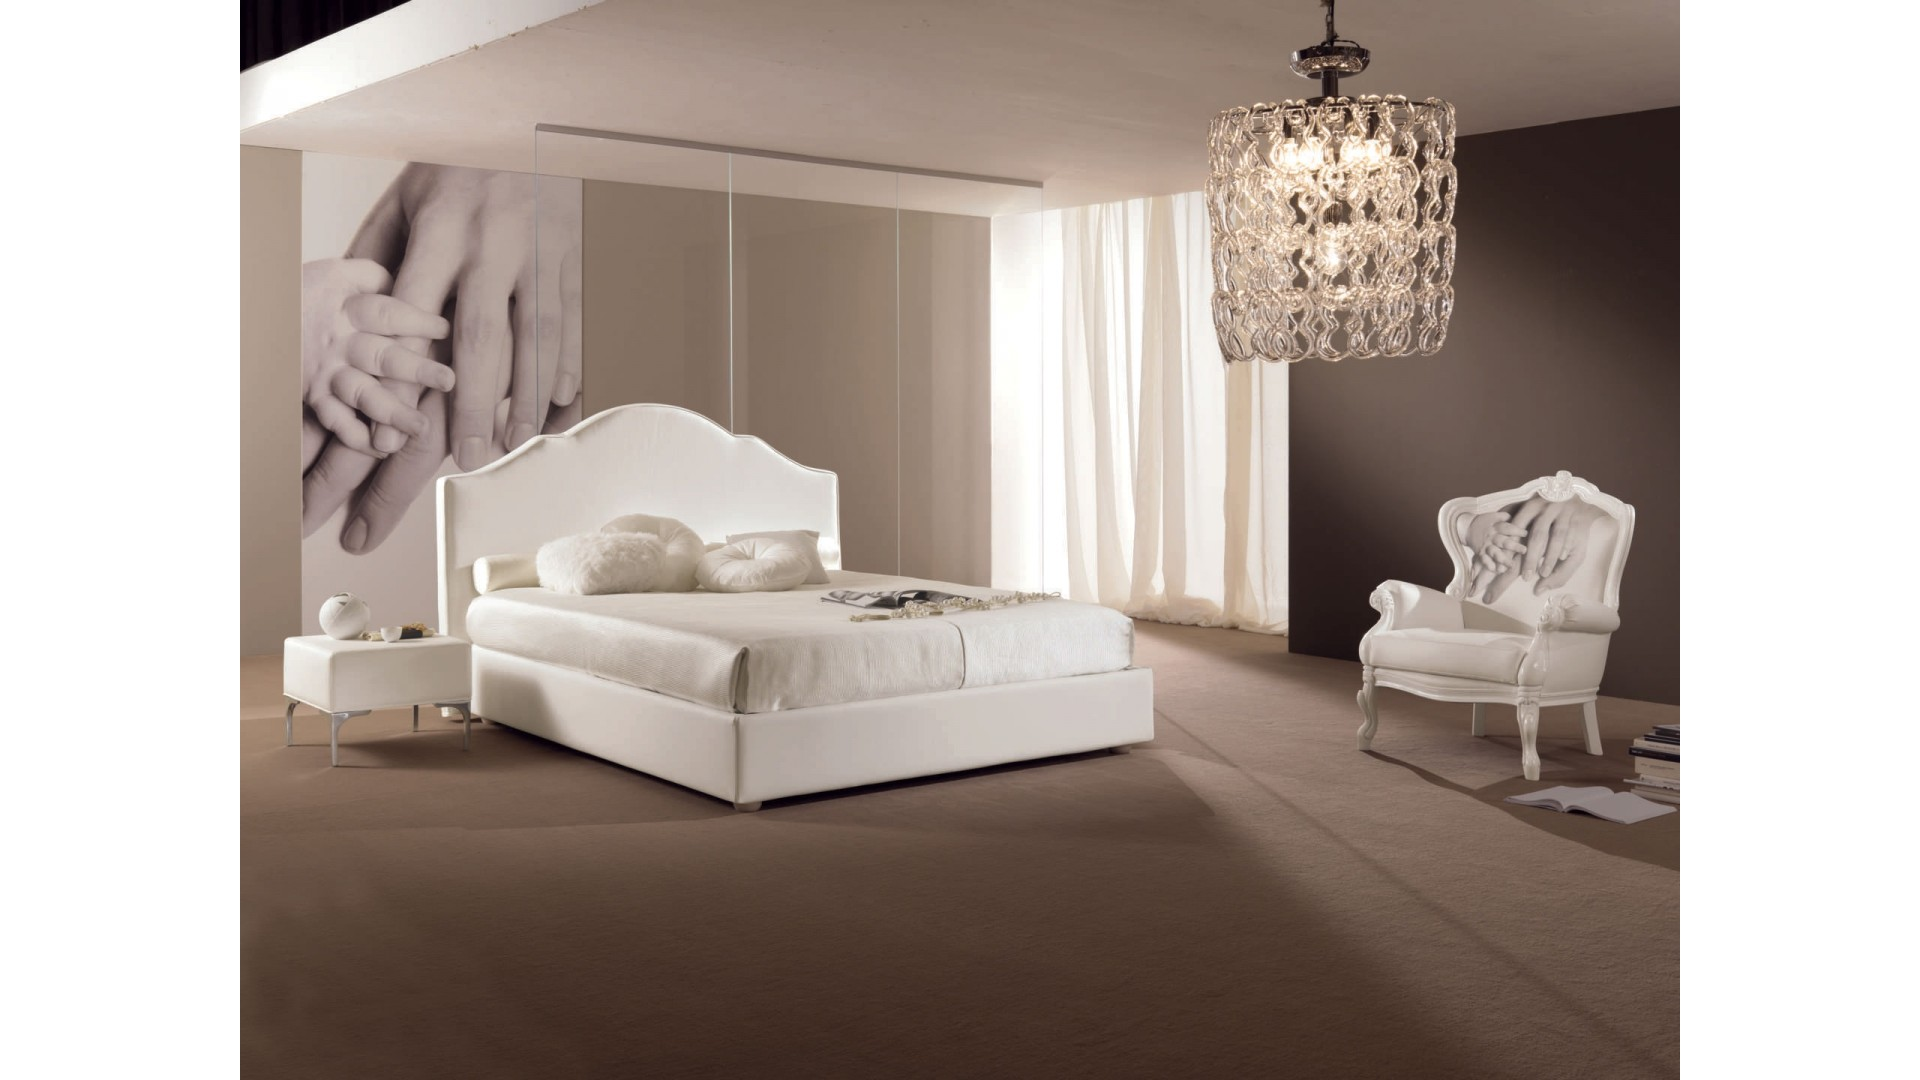 Lit Double Chambre à Coucher PERSONNALISABLE Aymeric   PIERMARIA